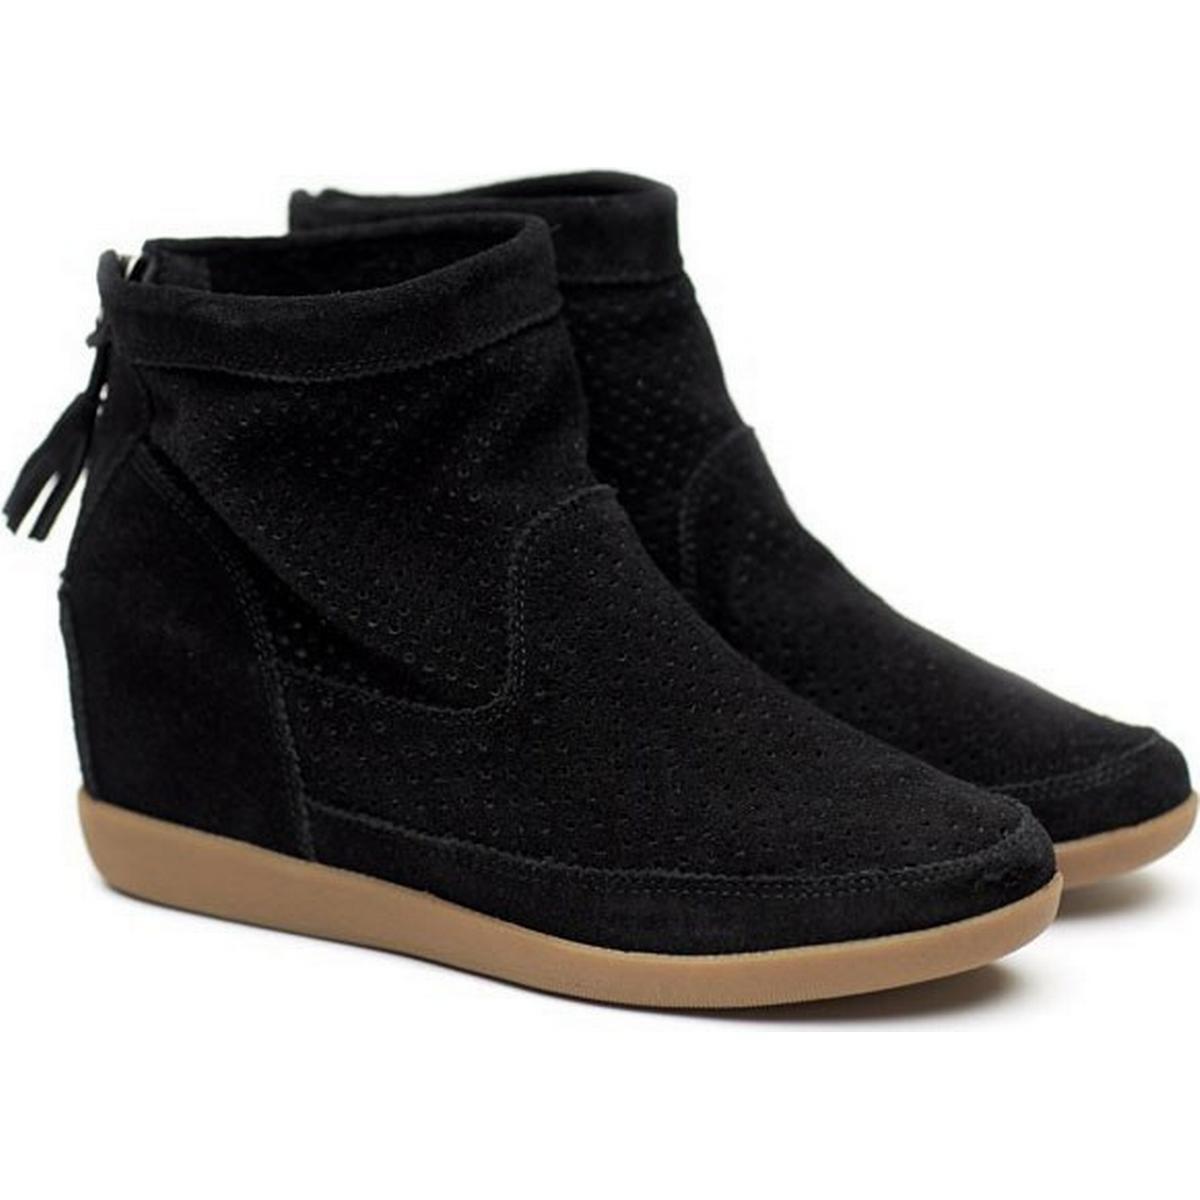 35b5815b074 Shoe The Bear Sko - Sammenlign priser hos PriceRunner